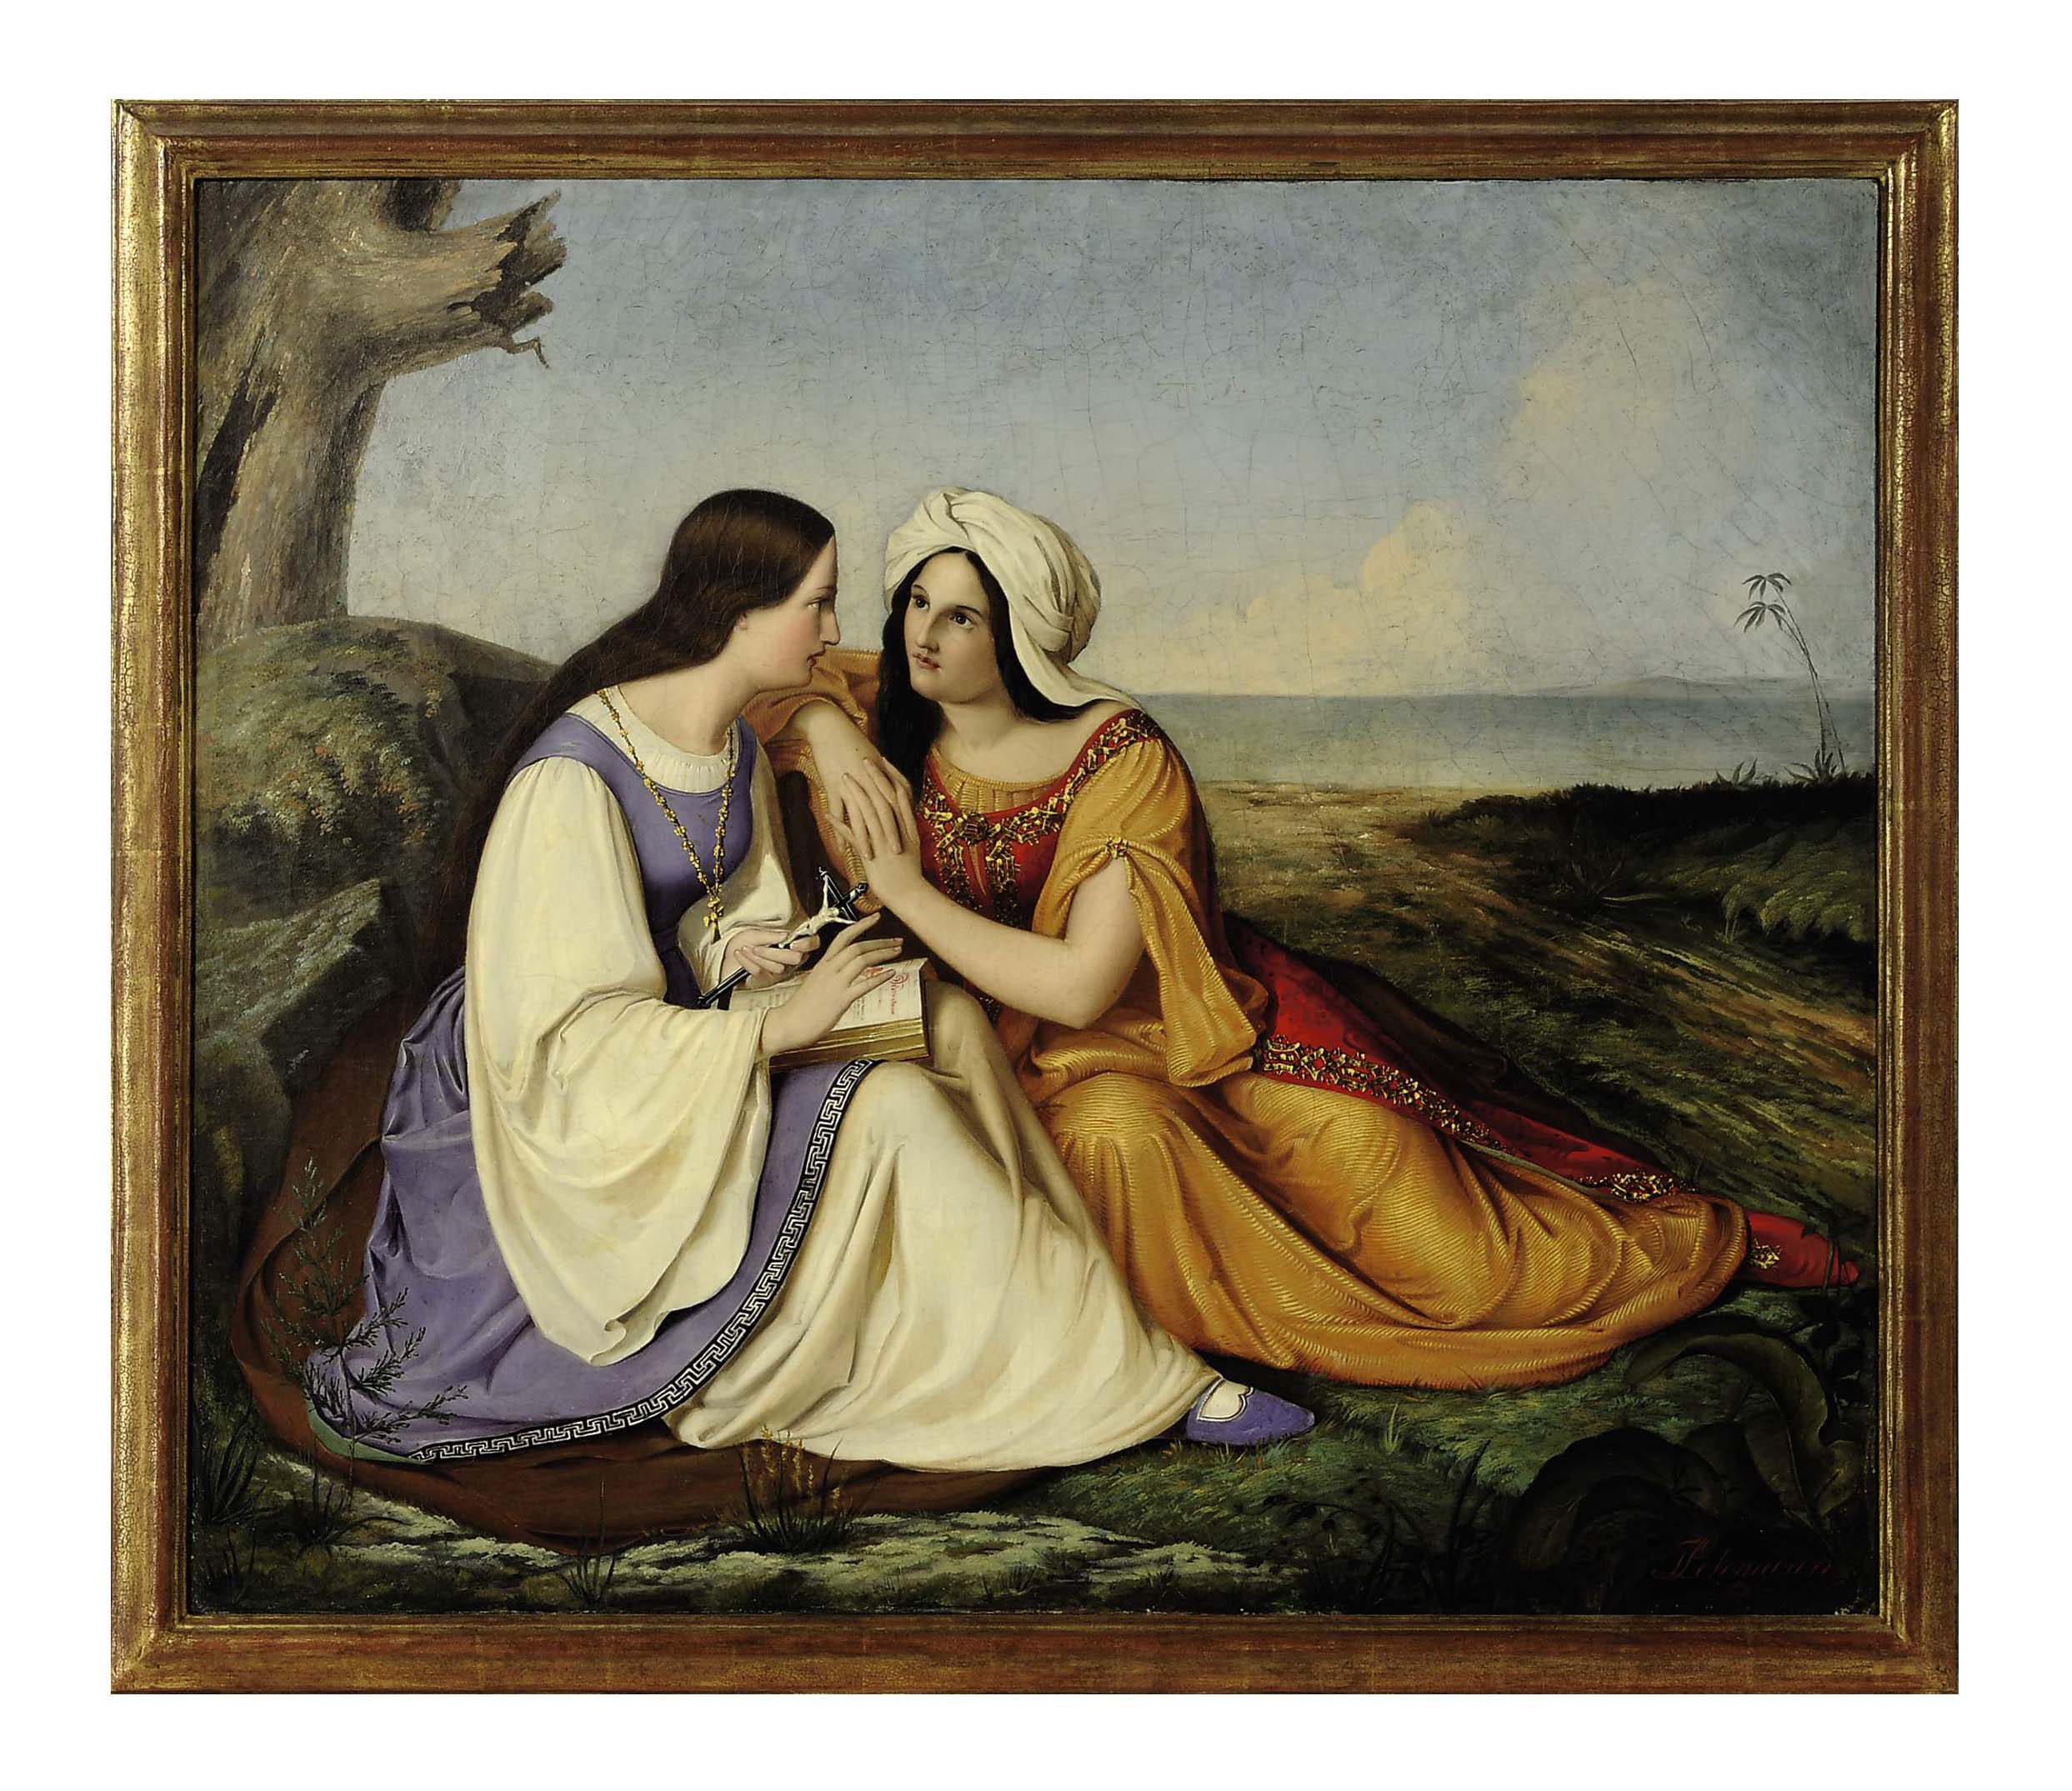 Two women conversing in a landscape